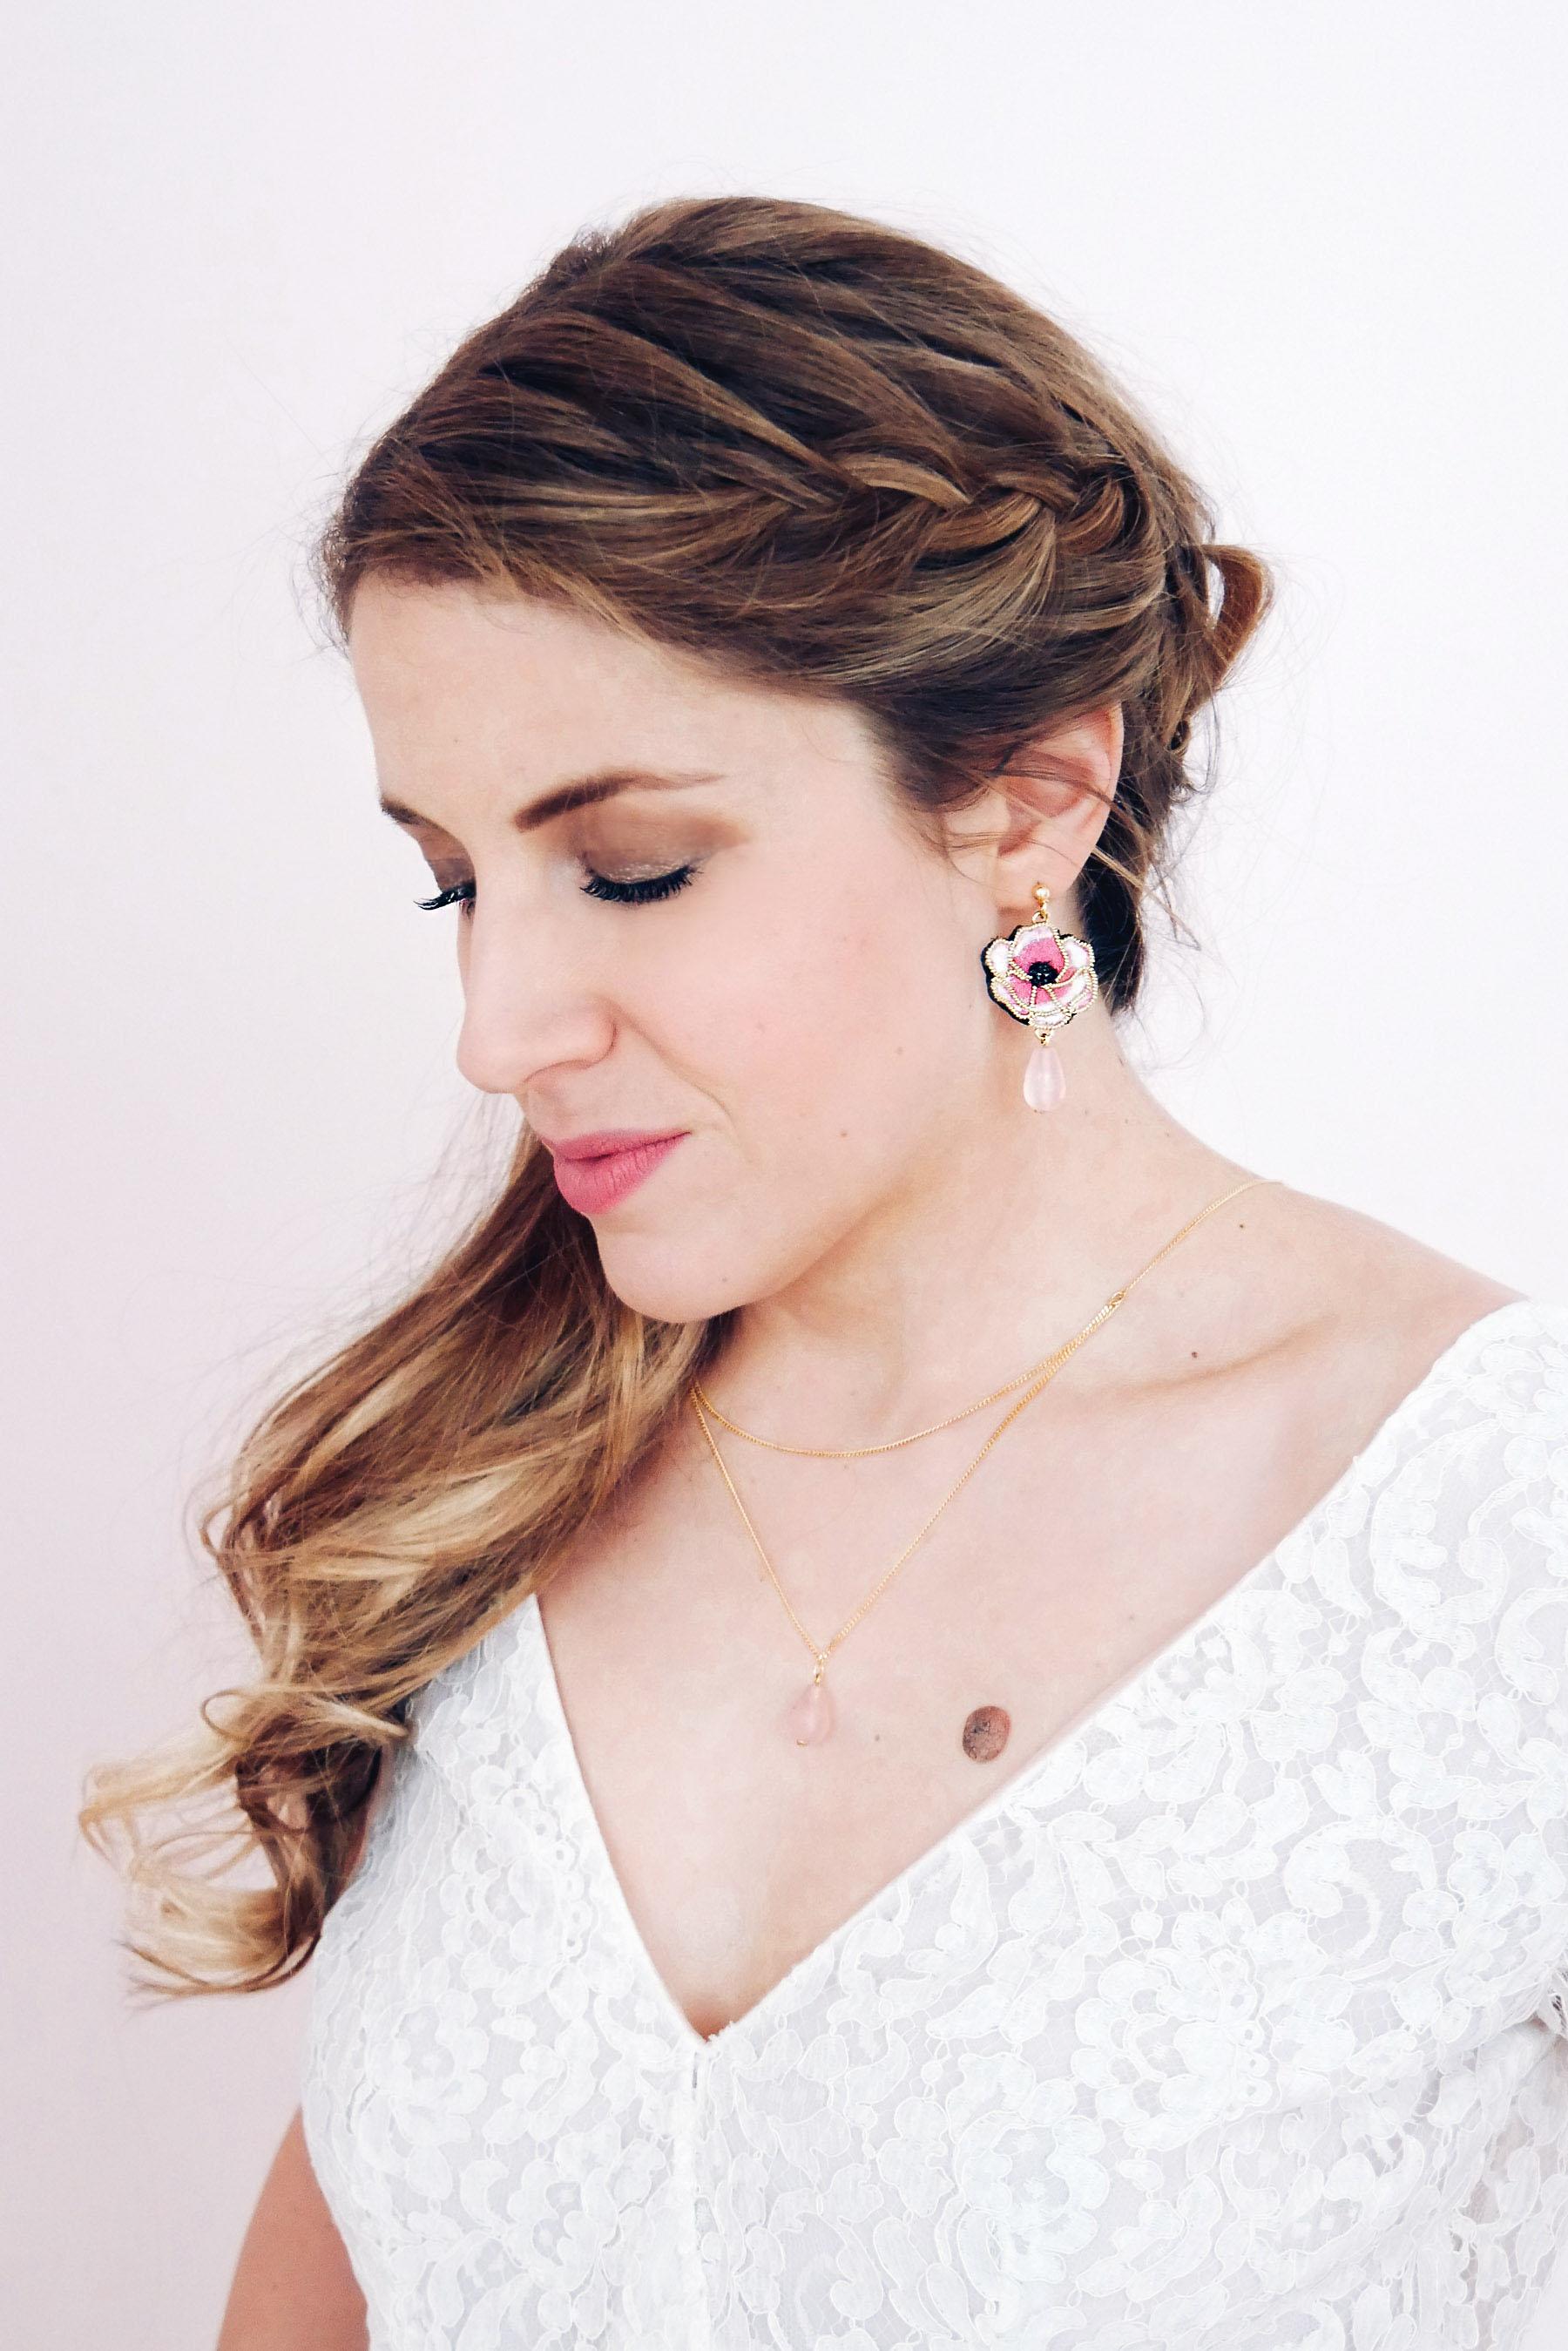 Bijoux de cheveux fait main Nini Peony collaboration La Fiancee du Panda blog mariage et lifestyle-1180686